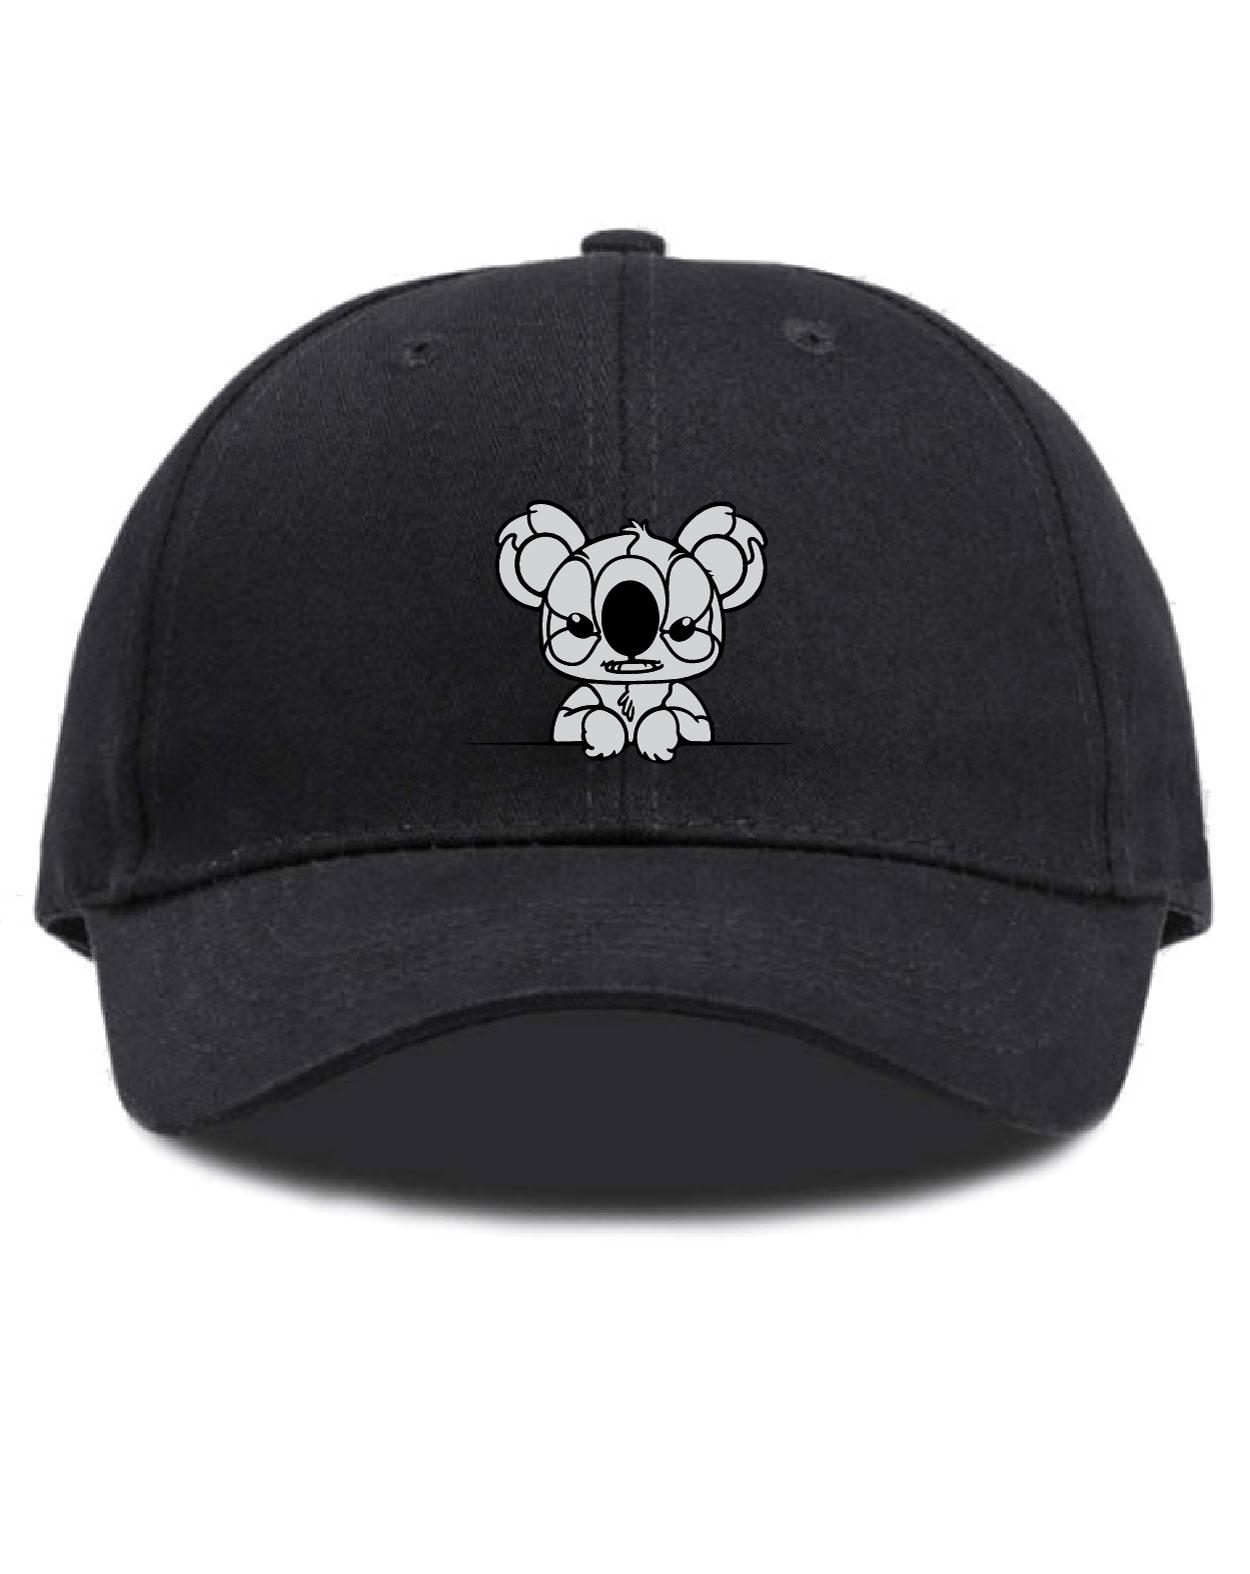 HAT-BK